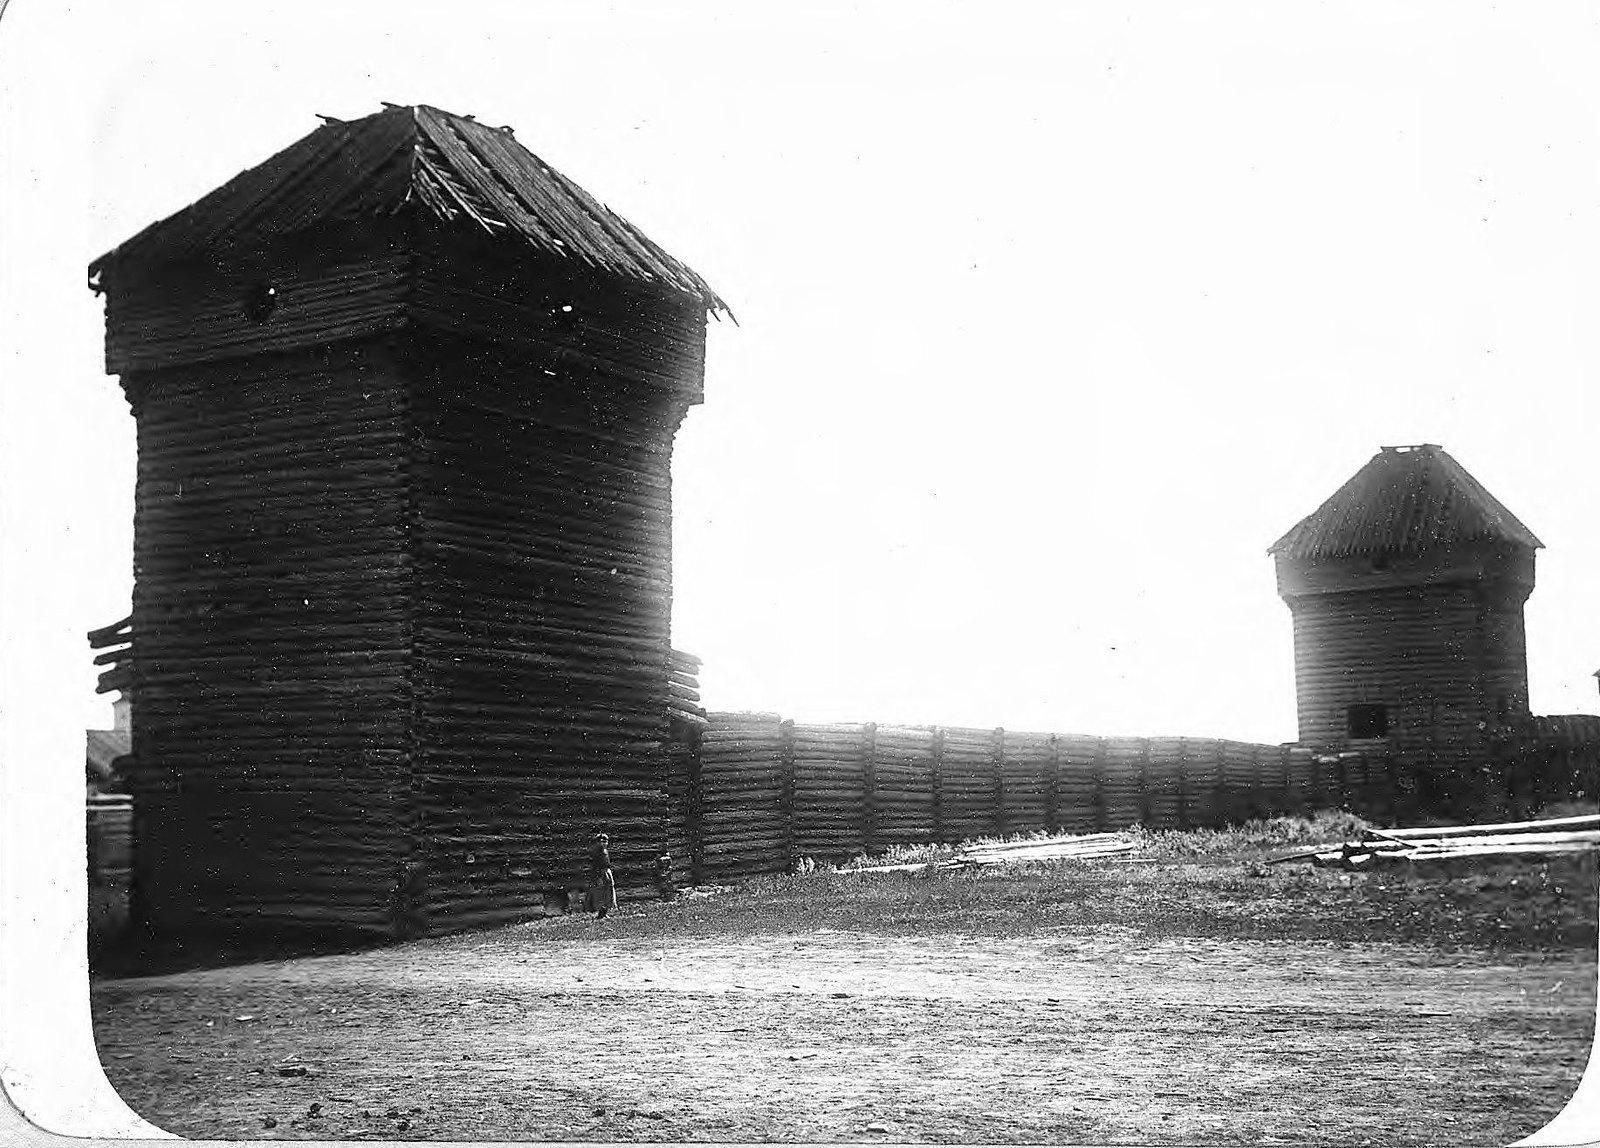 Якутск. Башни и остатки крепостной стены Якутского острога